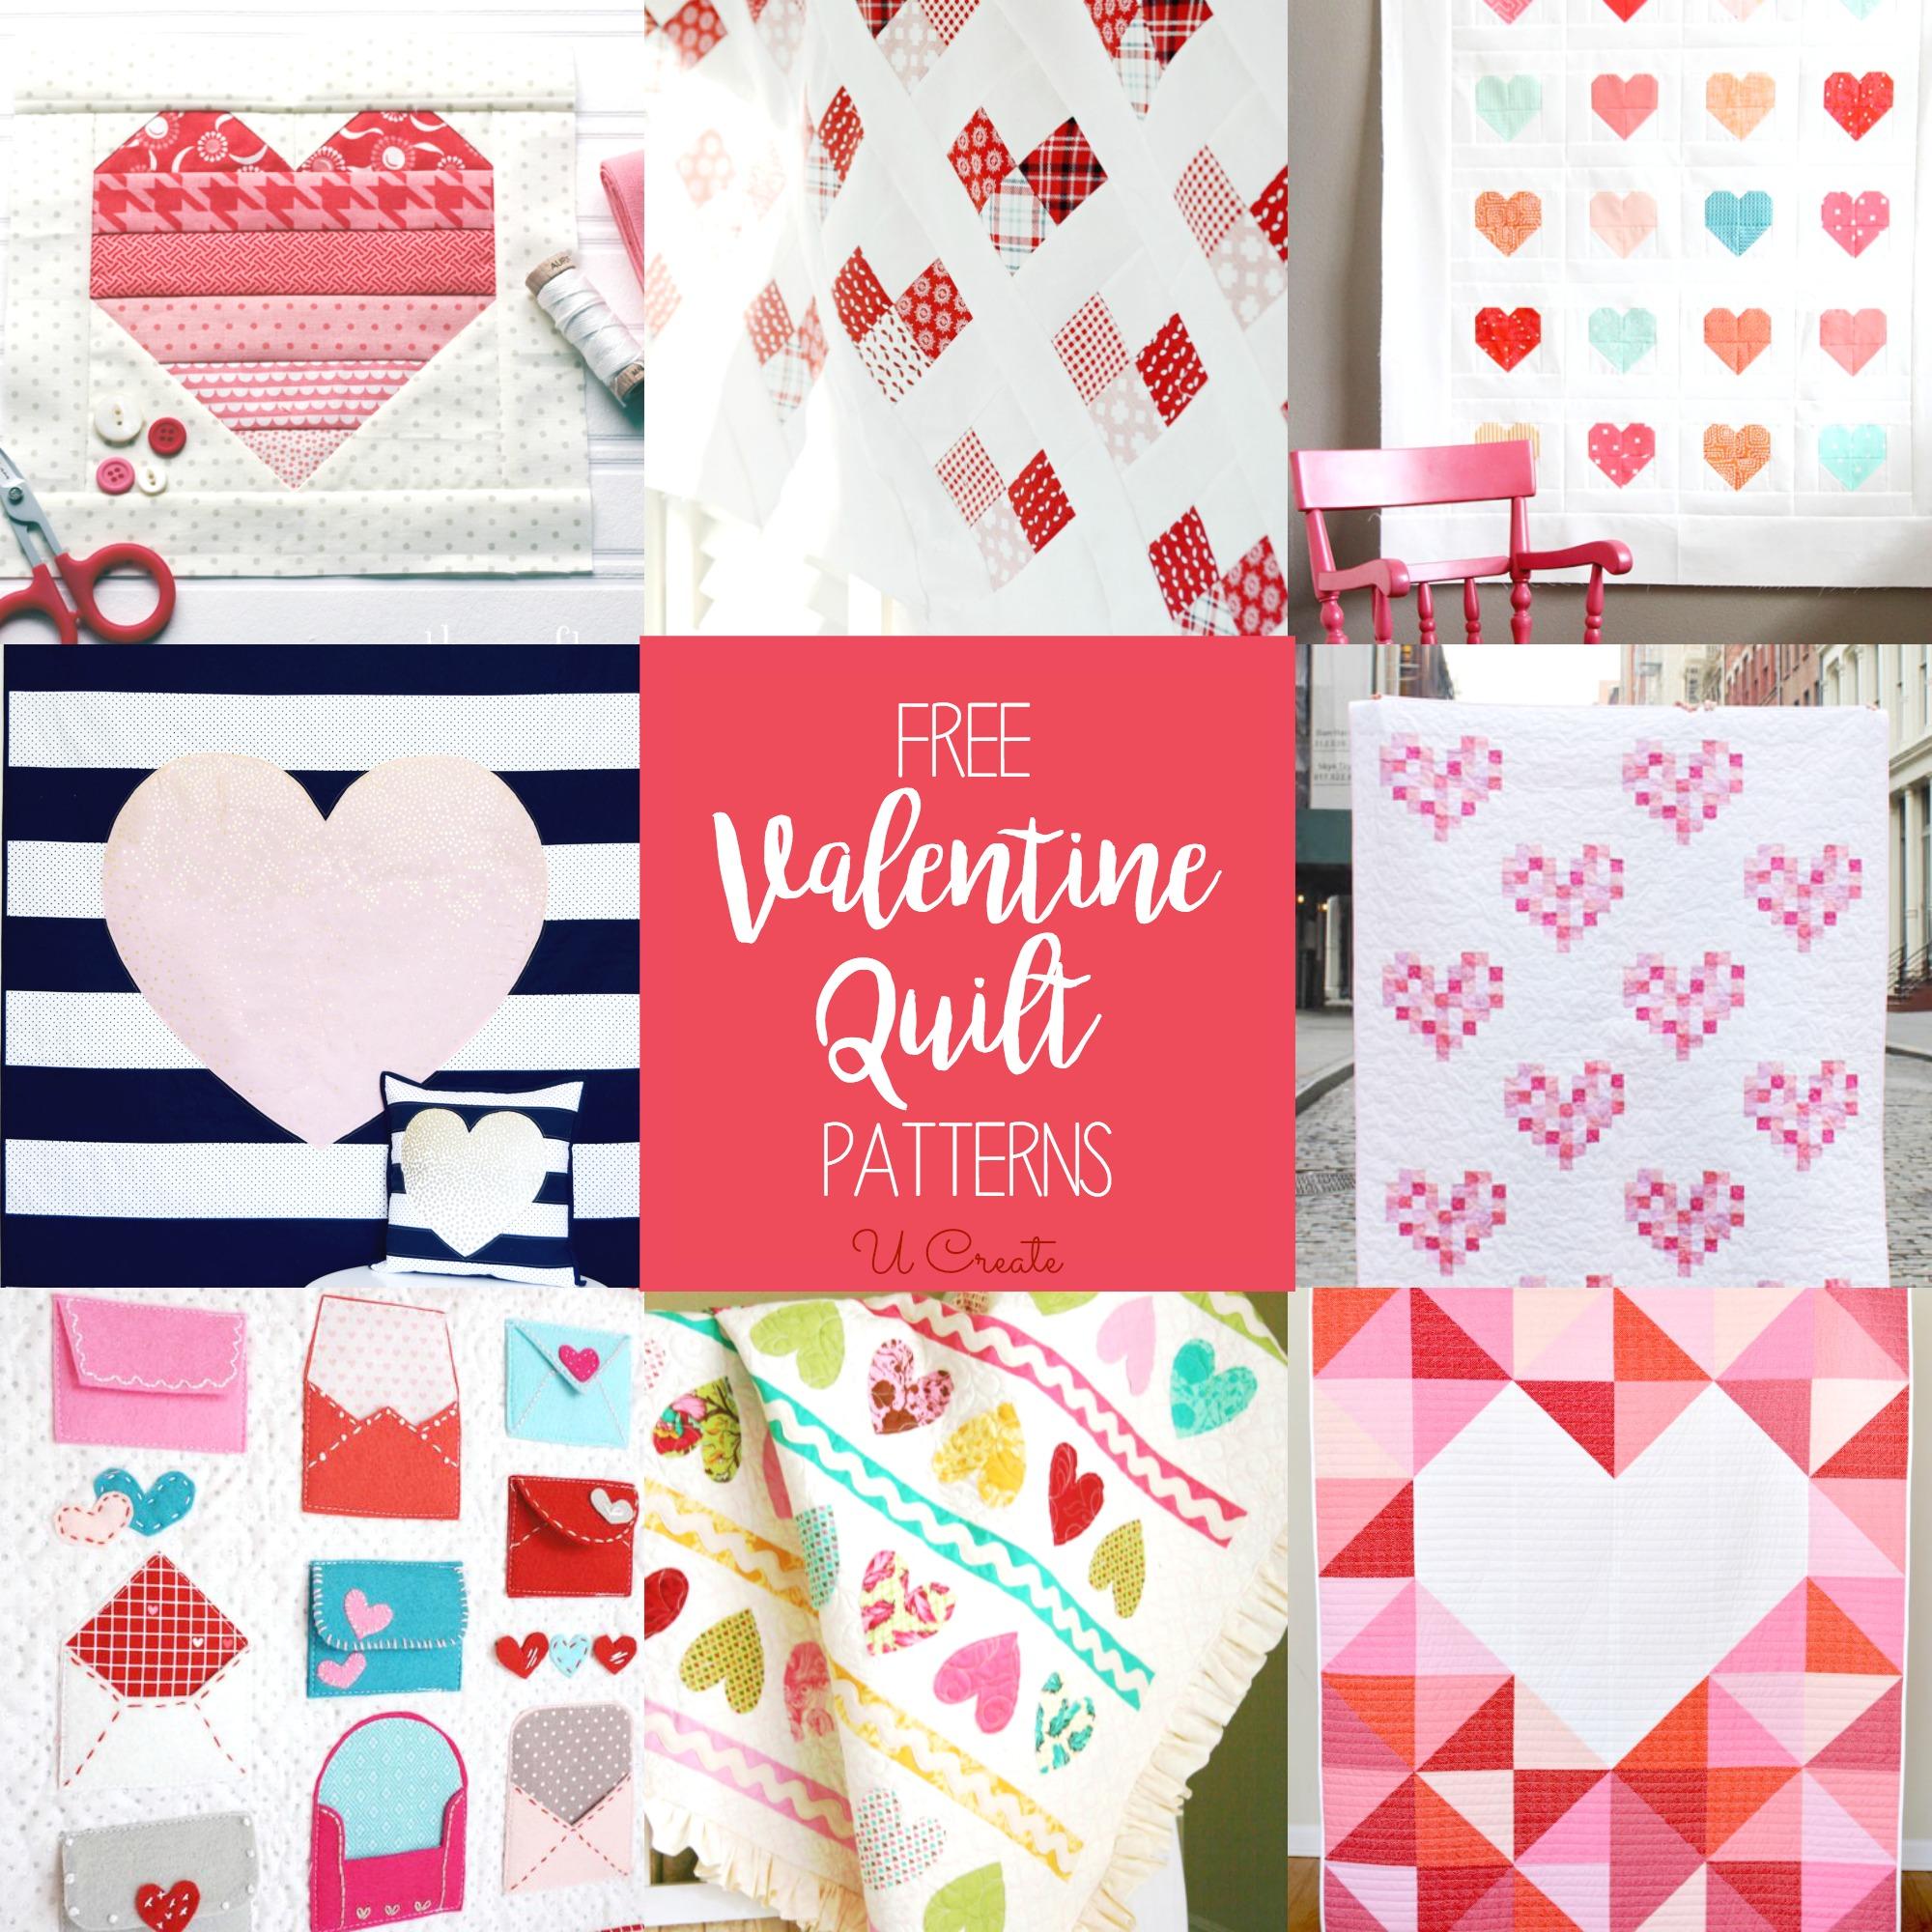 Free Valentine Quilt Patterns U Create